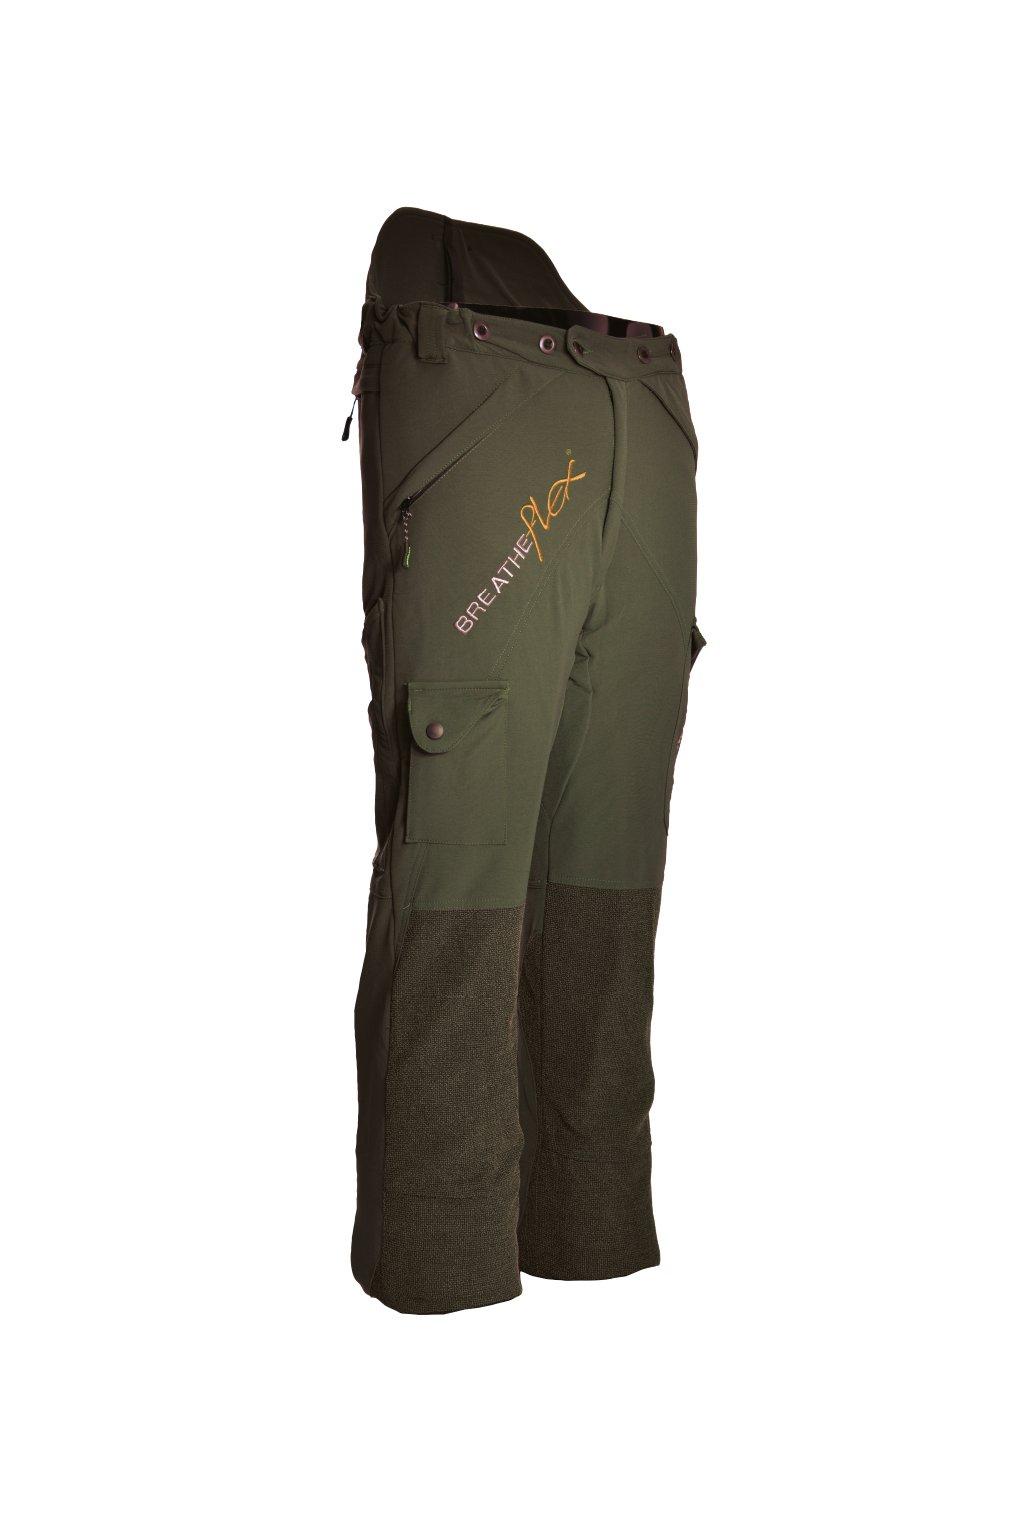 Protipořezové kalhoty Breatheflex olivové Class1/TypeA Reg